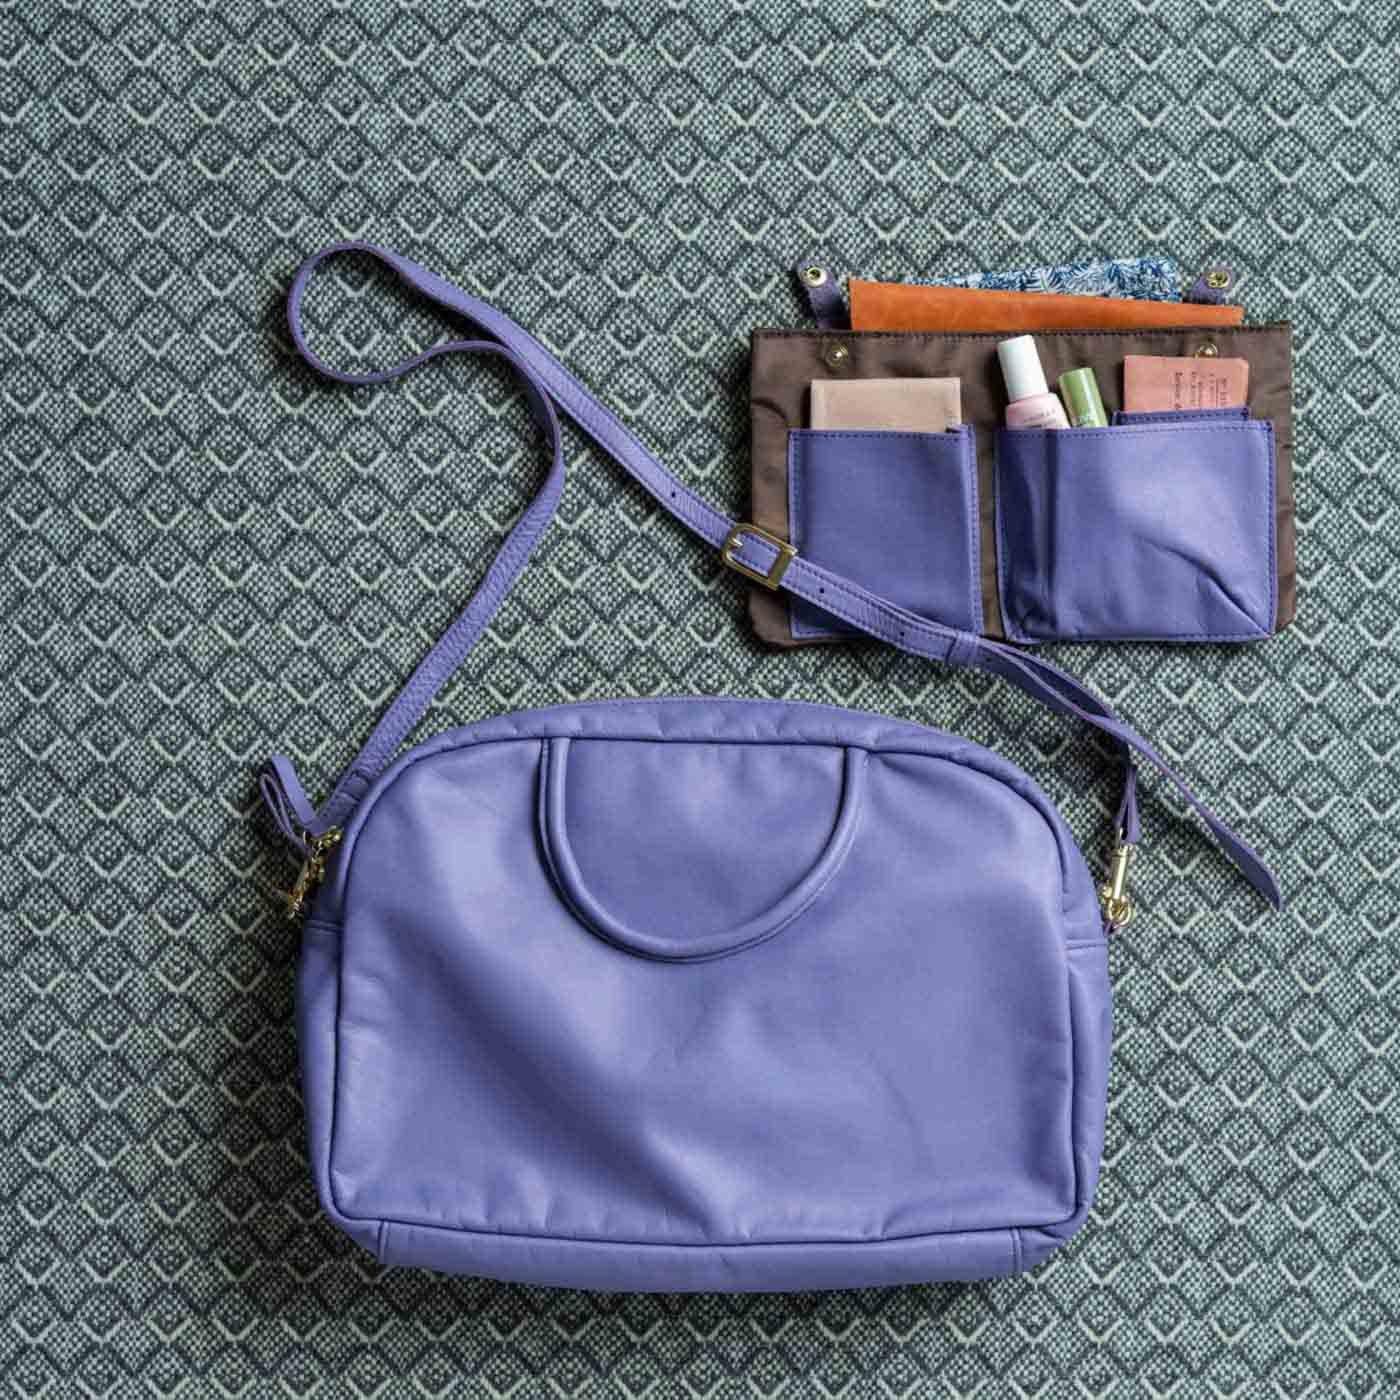 ファッションスタイリストと作った 職人本革のエチューデントバッグ〈ラベンダー〉